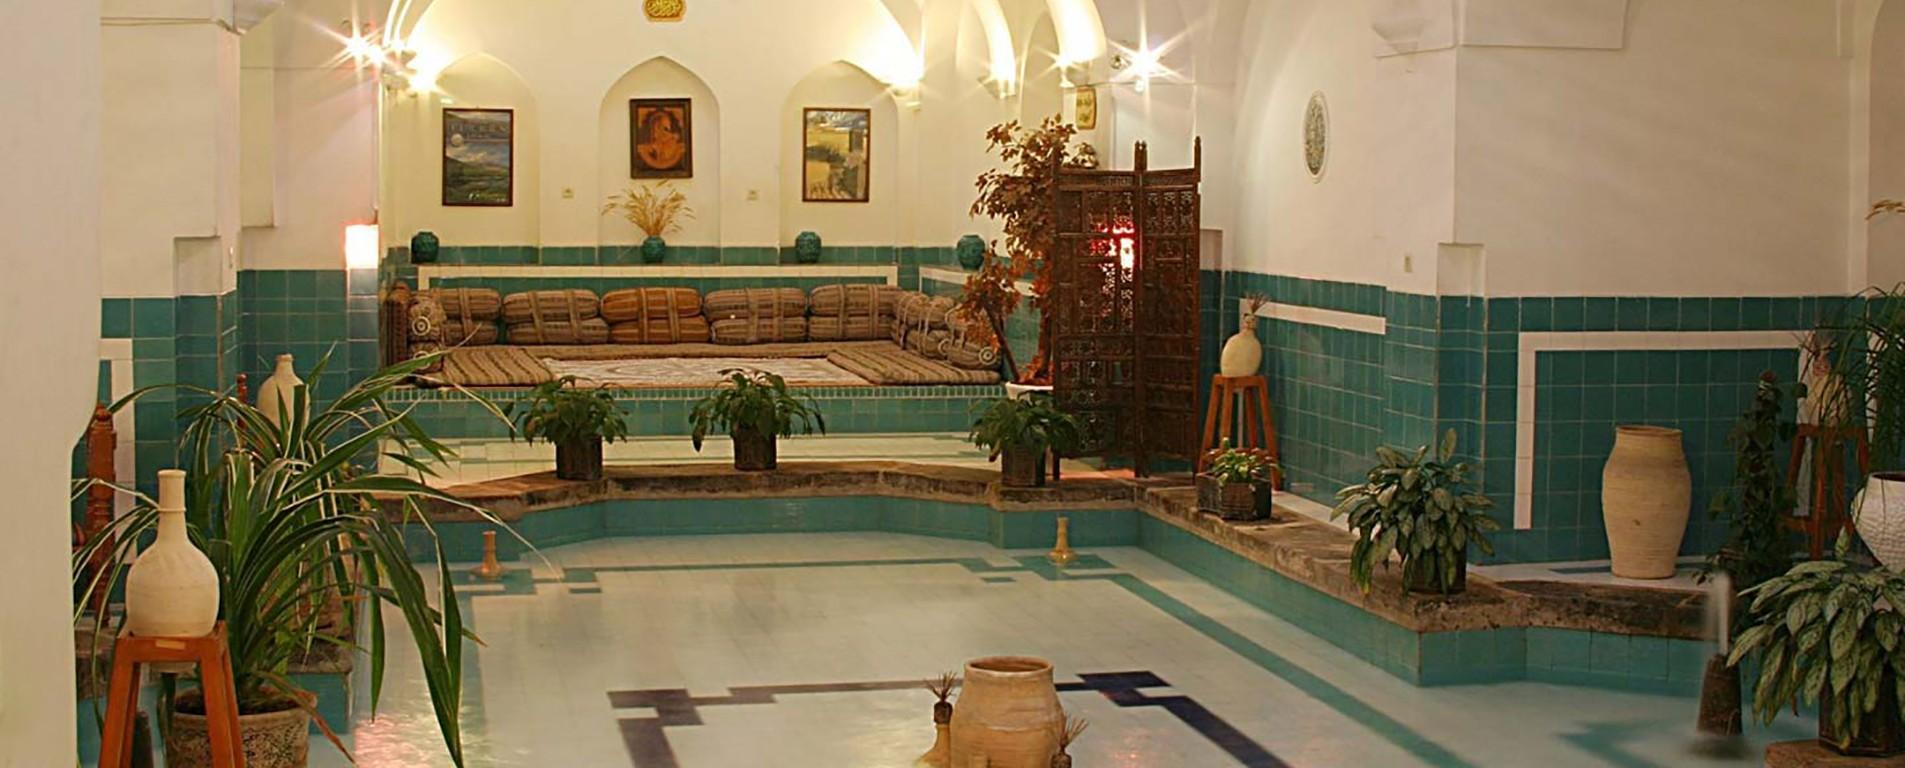 رستوران های یزد ، مقر خوشمزگی در شهر بادگیرها